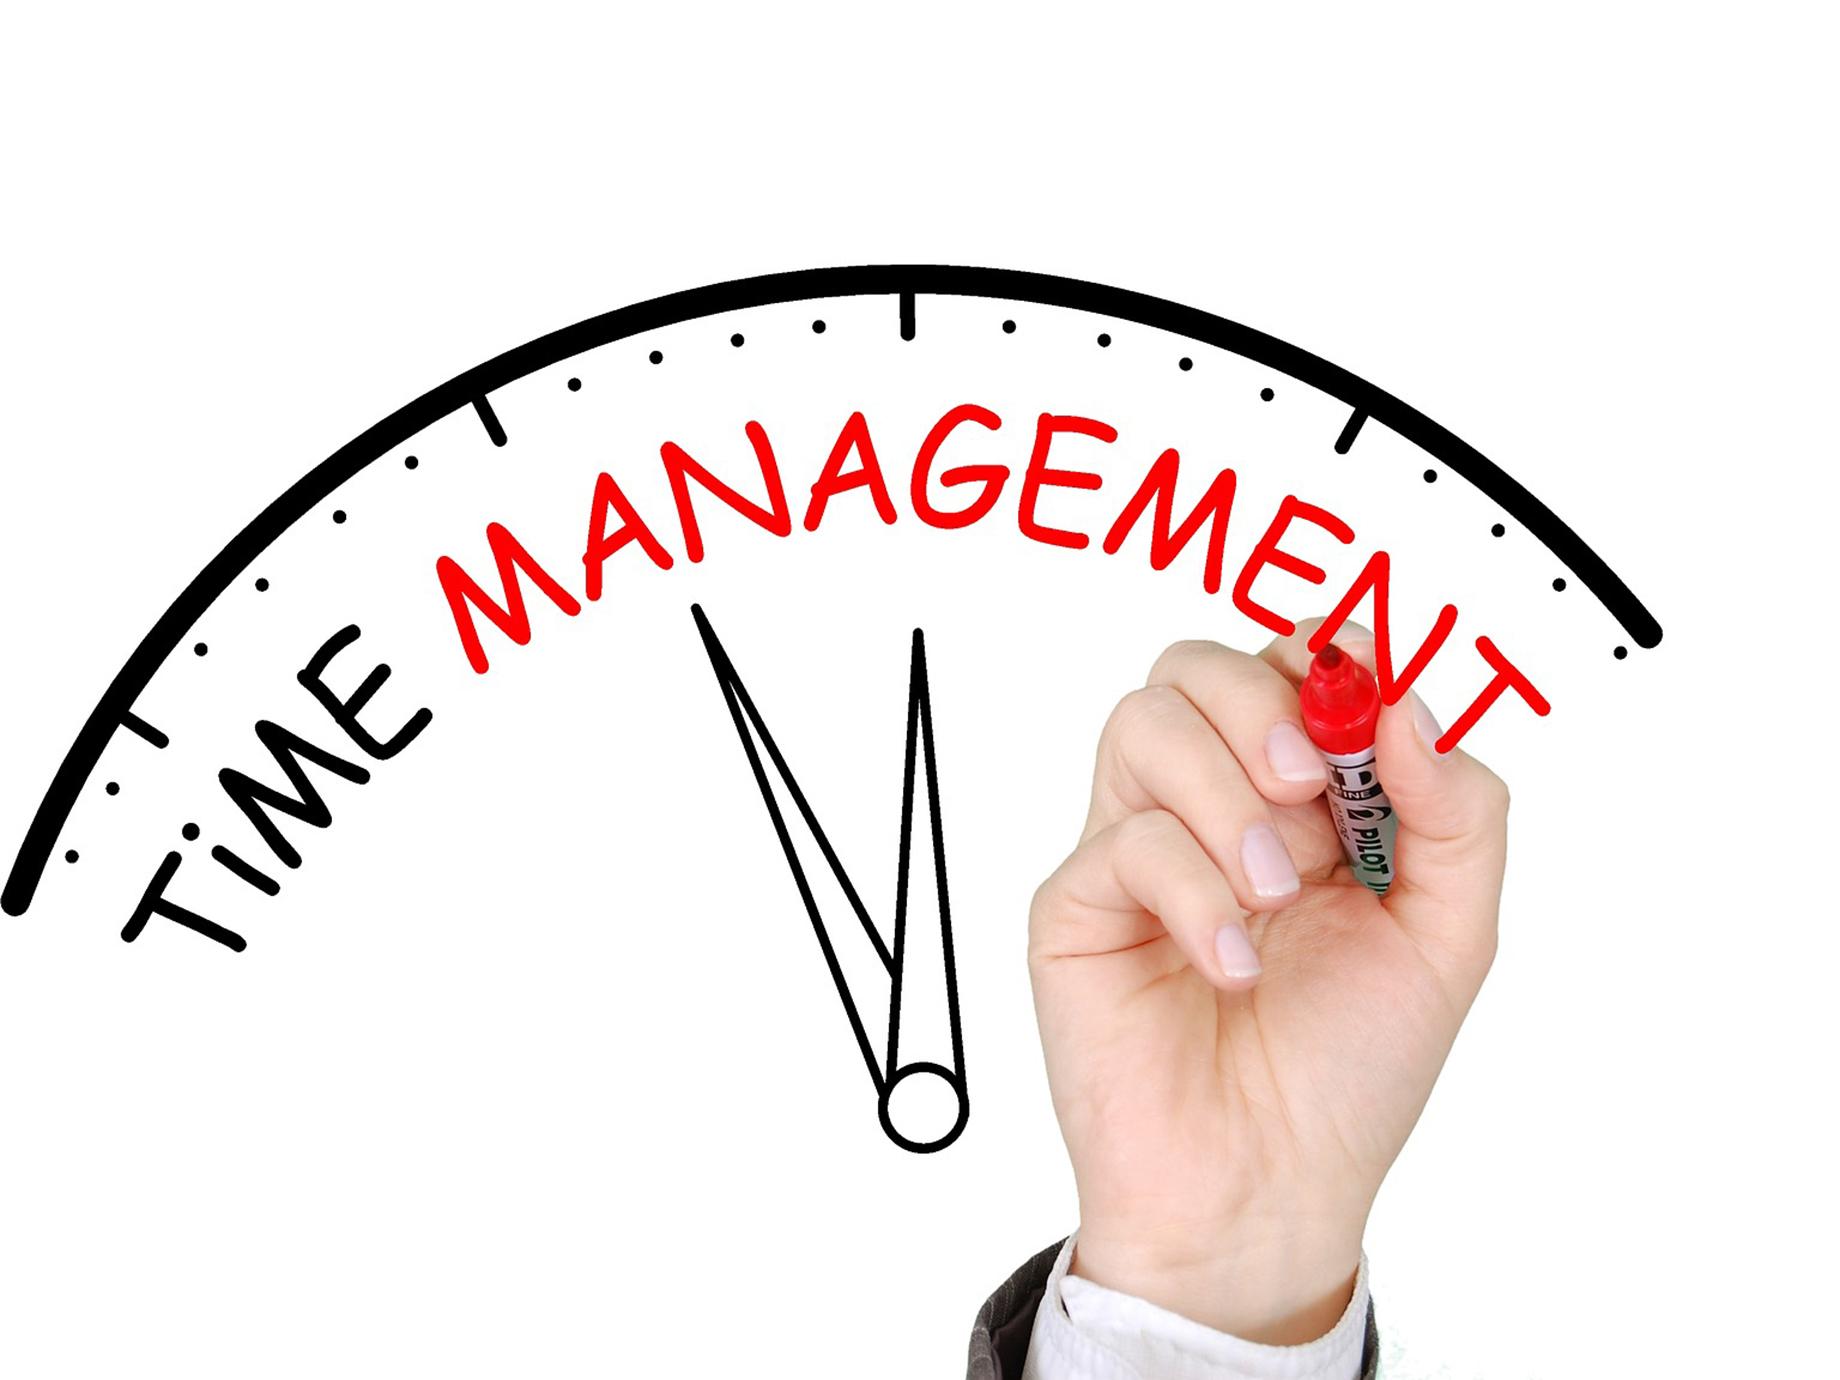 「時間管理」的圖片搜尋結果